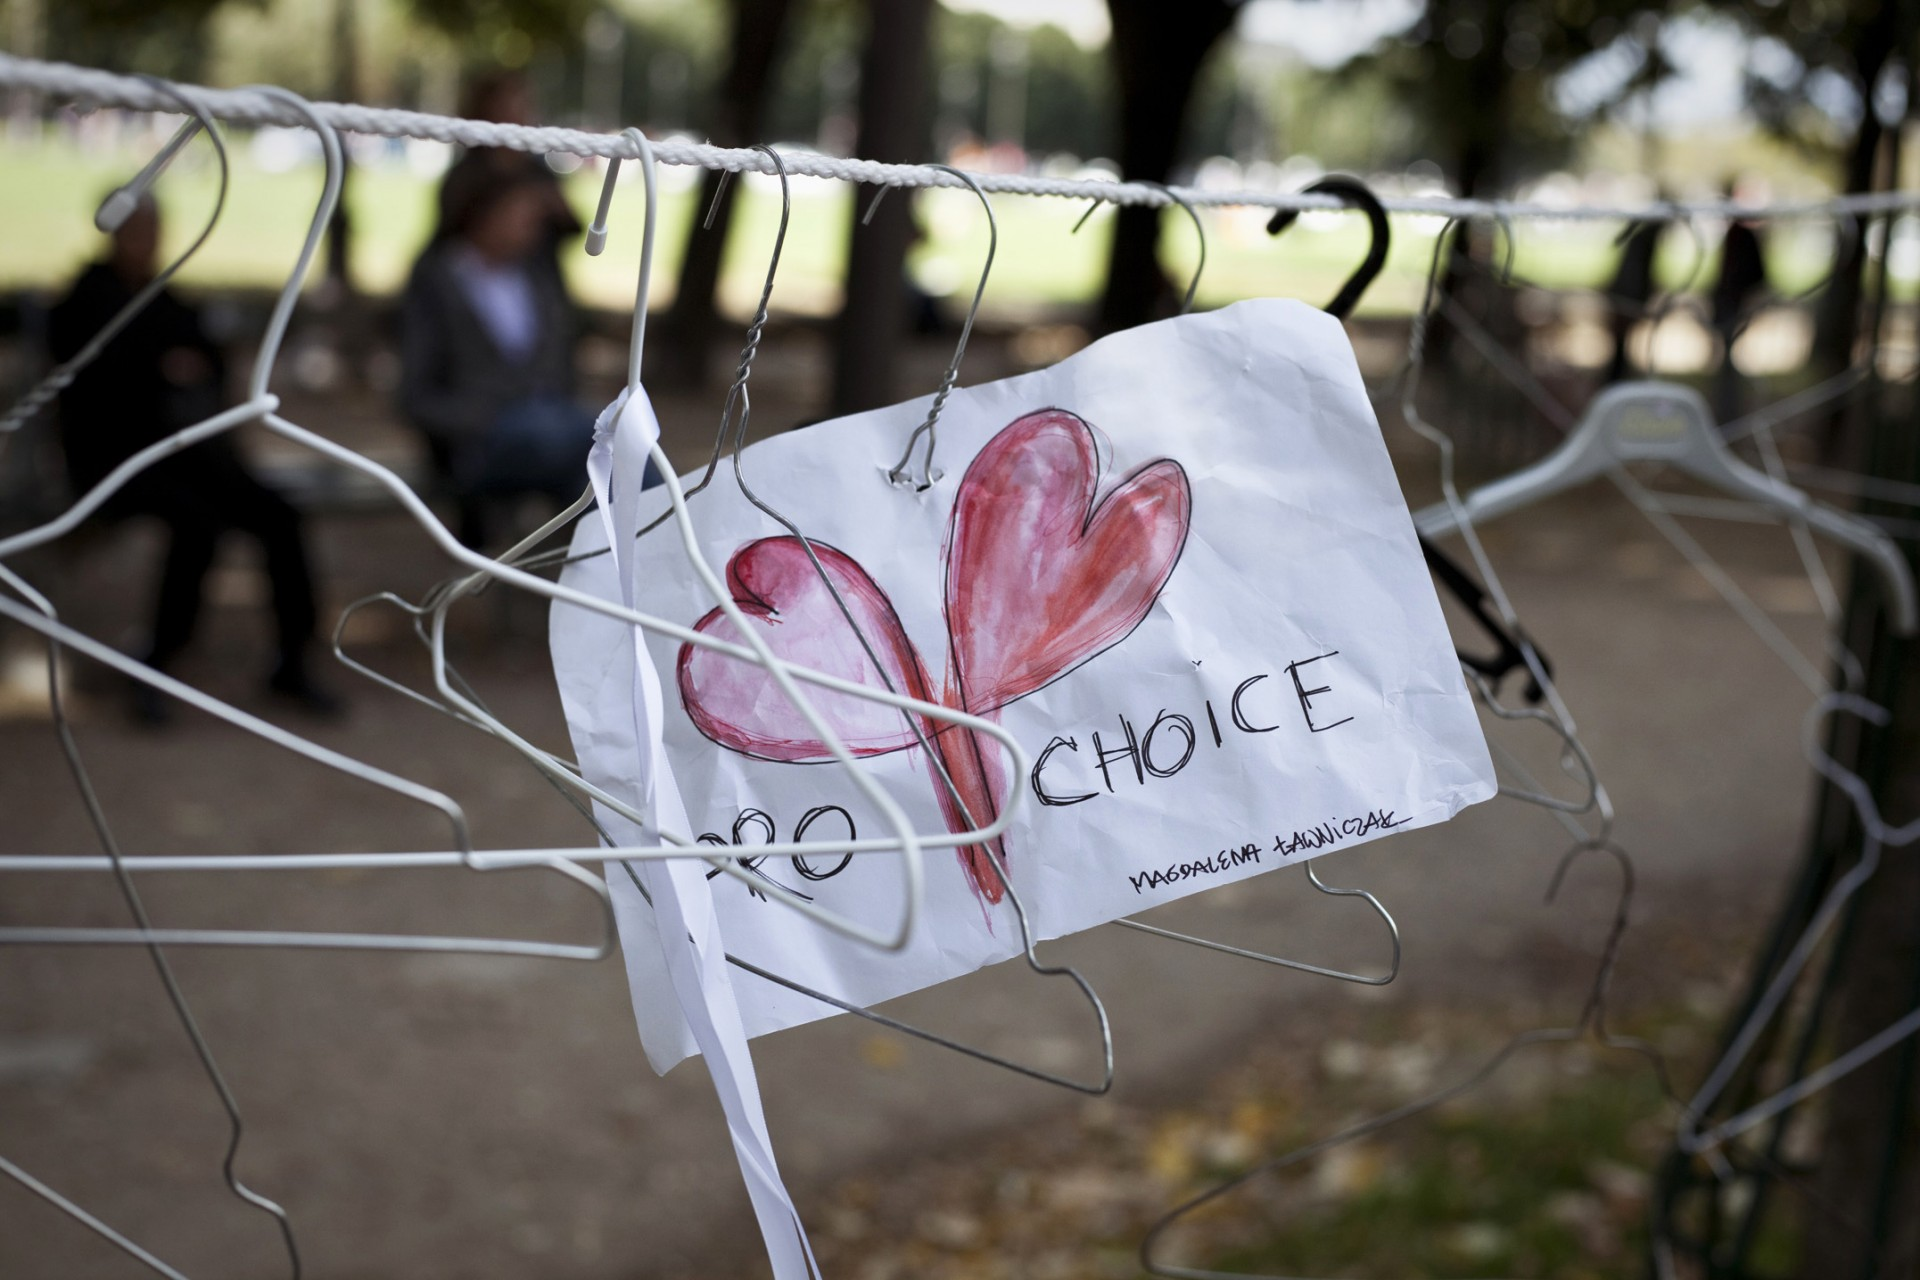 02.10.2016 – Manif noire contre l'interdiction d'IVG en Pologne